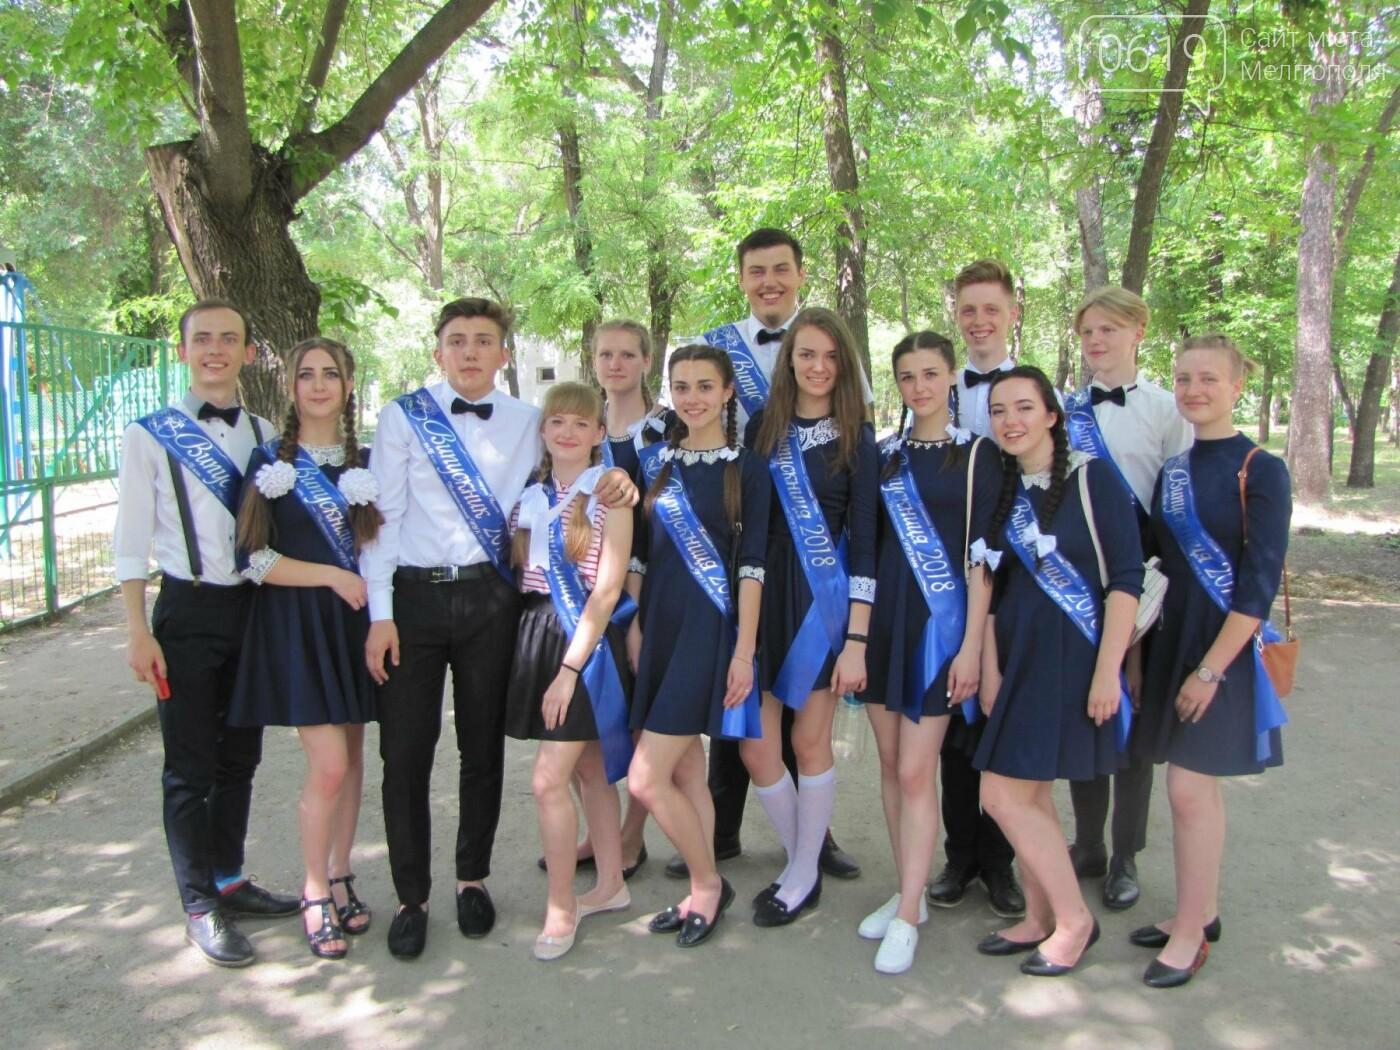 Мелитопольские выпускники не придерживаются единого стиля в нарядах, фото-13